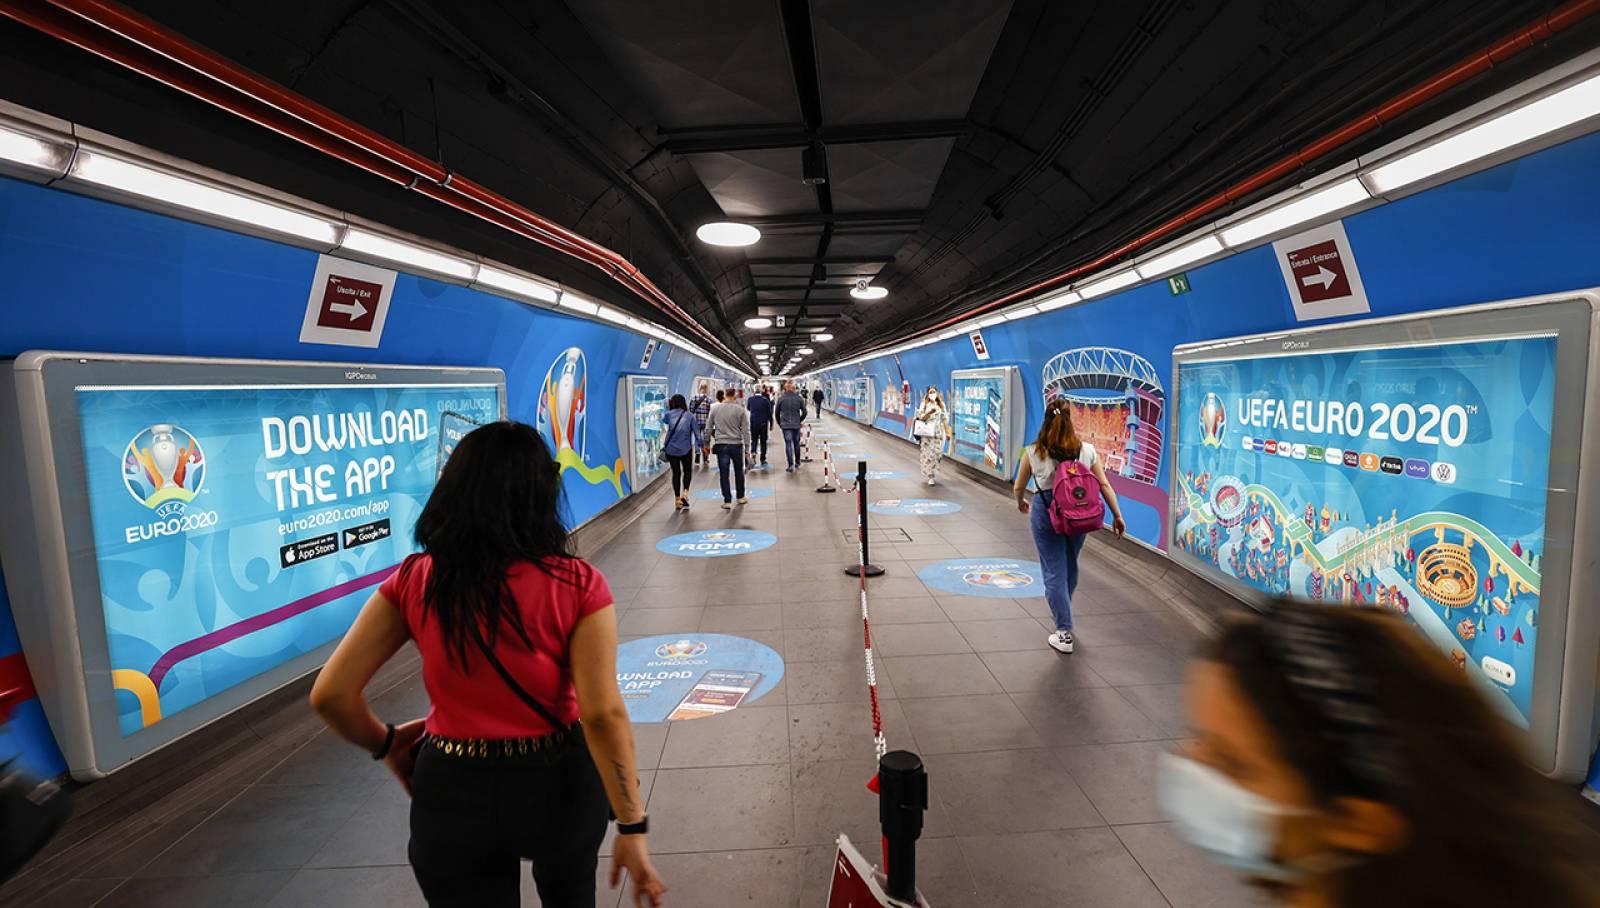 Pubblicità metro Roma IGPDecaux Station Domination per UEFA 2020